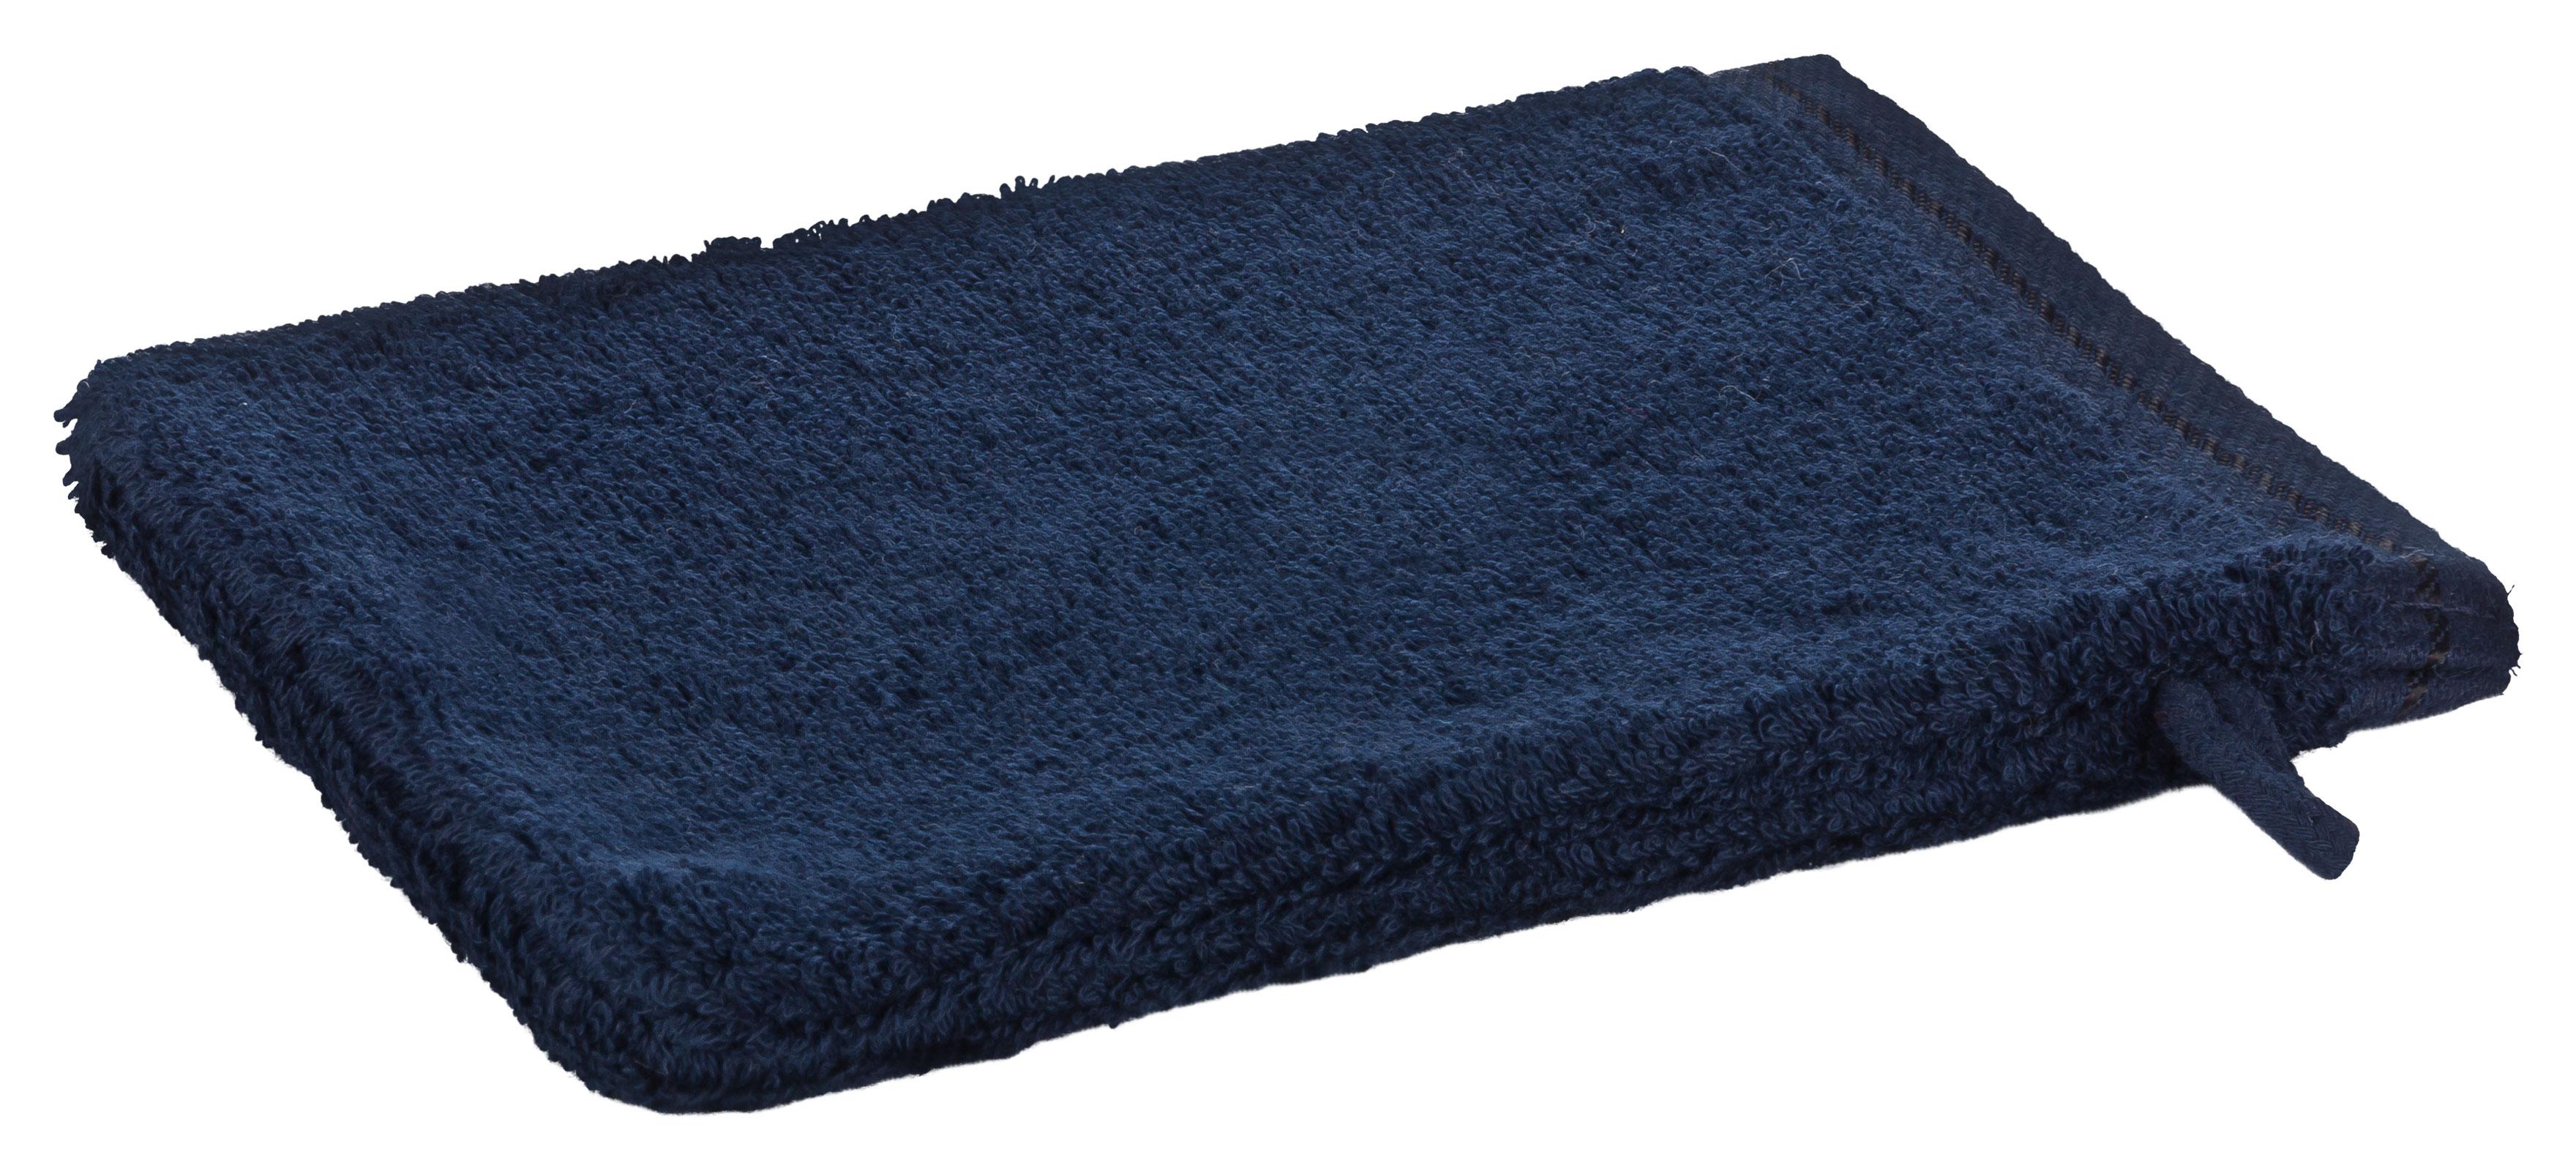 waschhandschuh 17x22 serie exclusiv 600g m waschlappen ebay. Black Bedroom Furniture Sets. Home Design Ideas